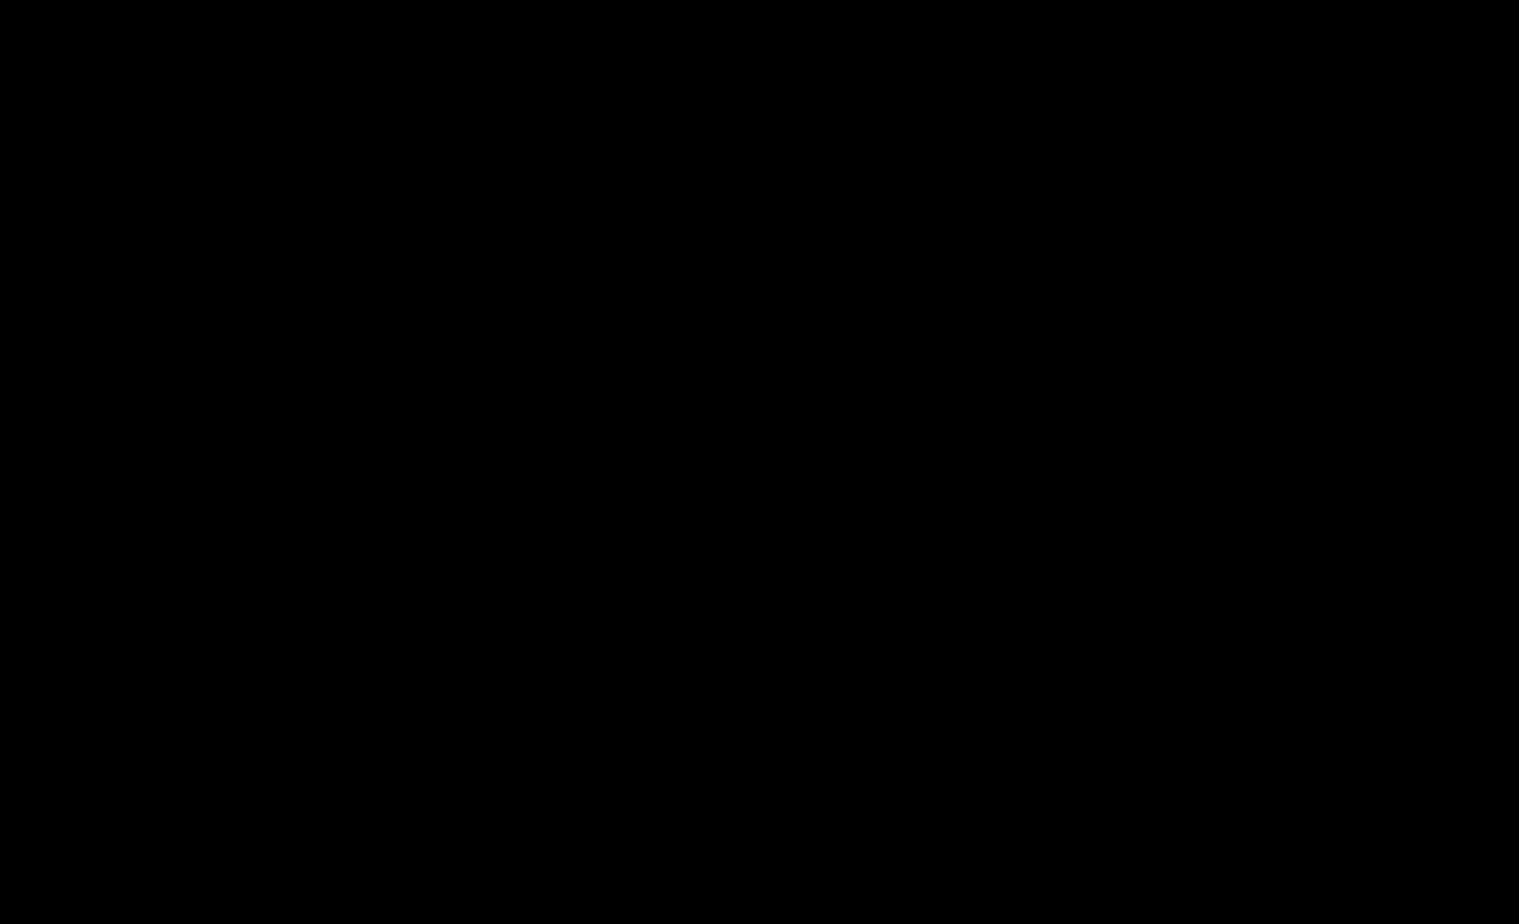 Dansyl 2-(2-azidoethoxy)ethanamine